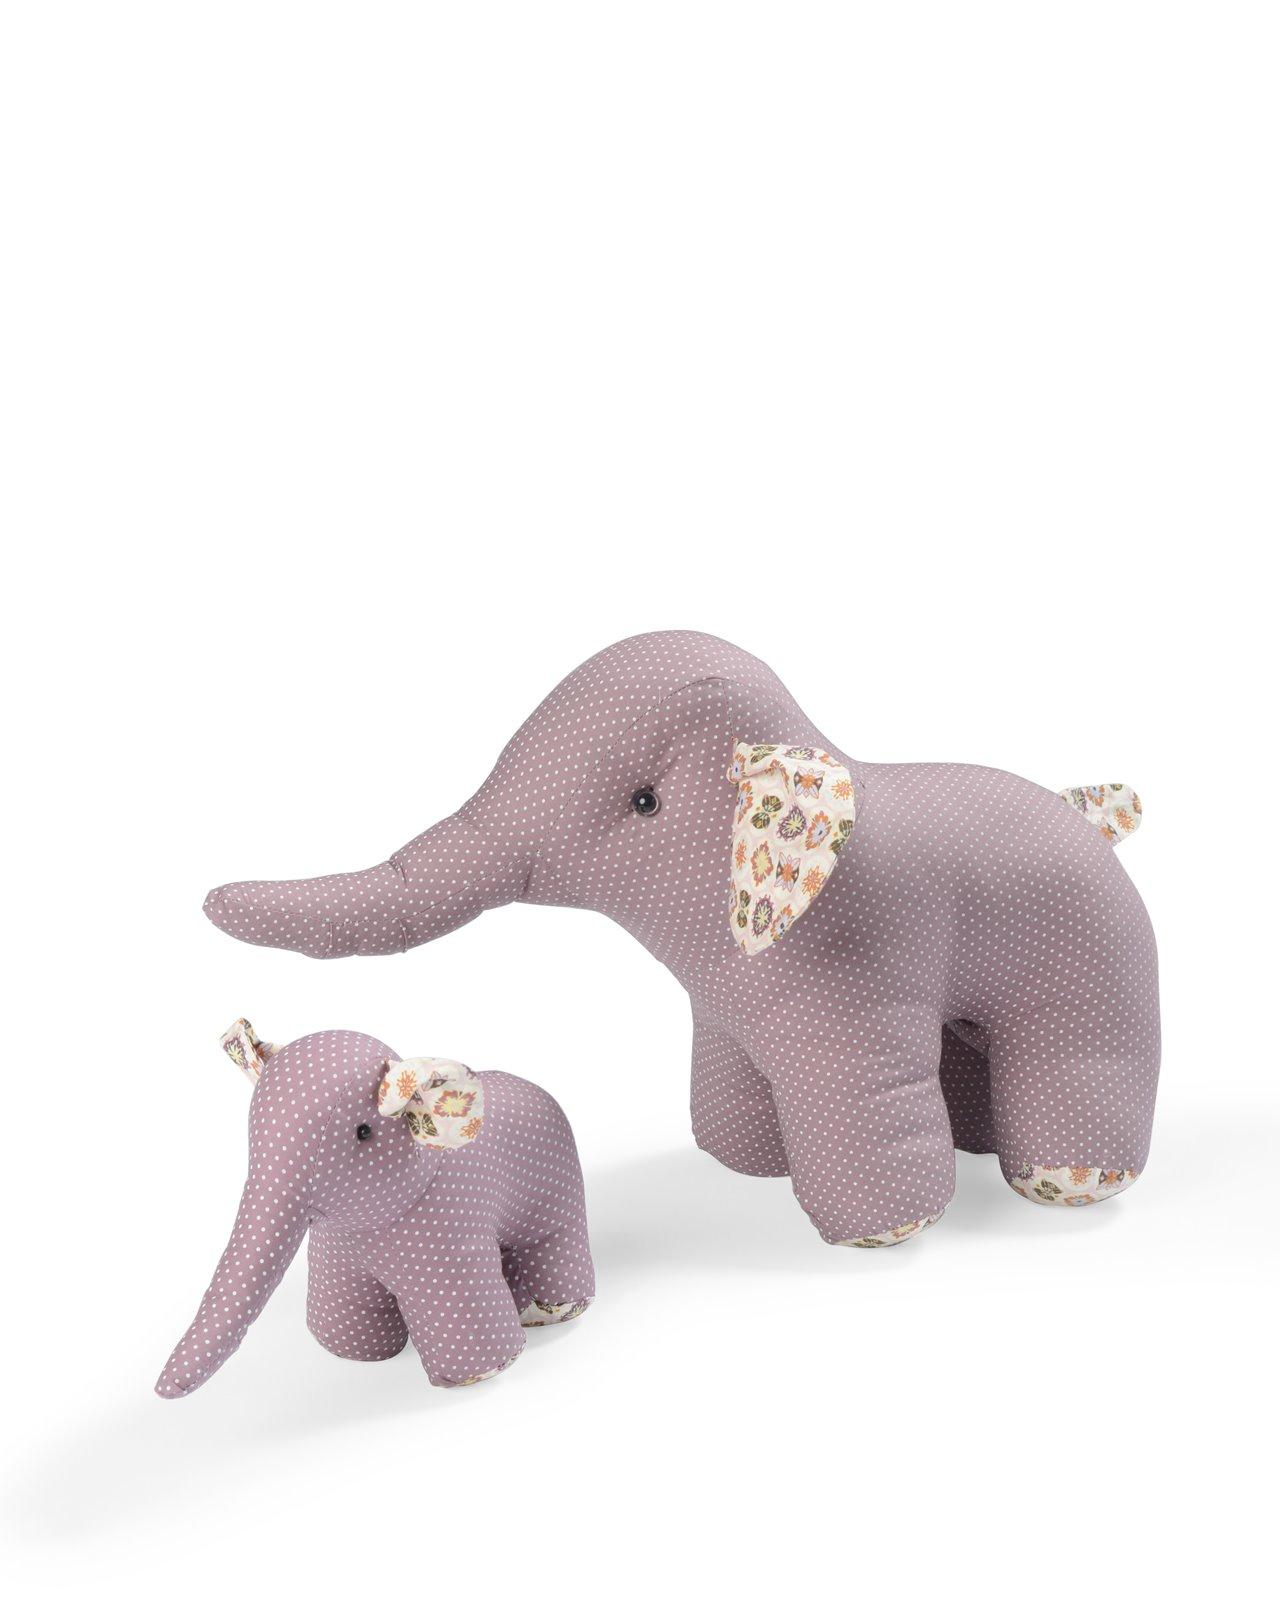 Smallstuff Mjukisdjur Elefant Stor - Rosa